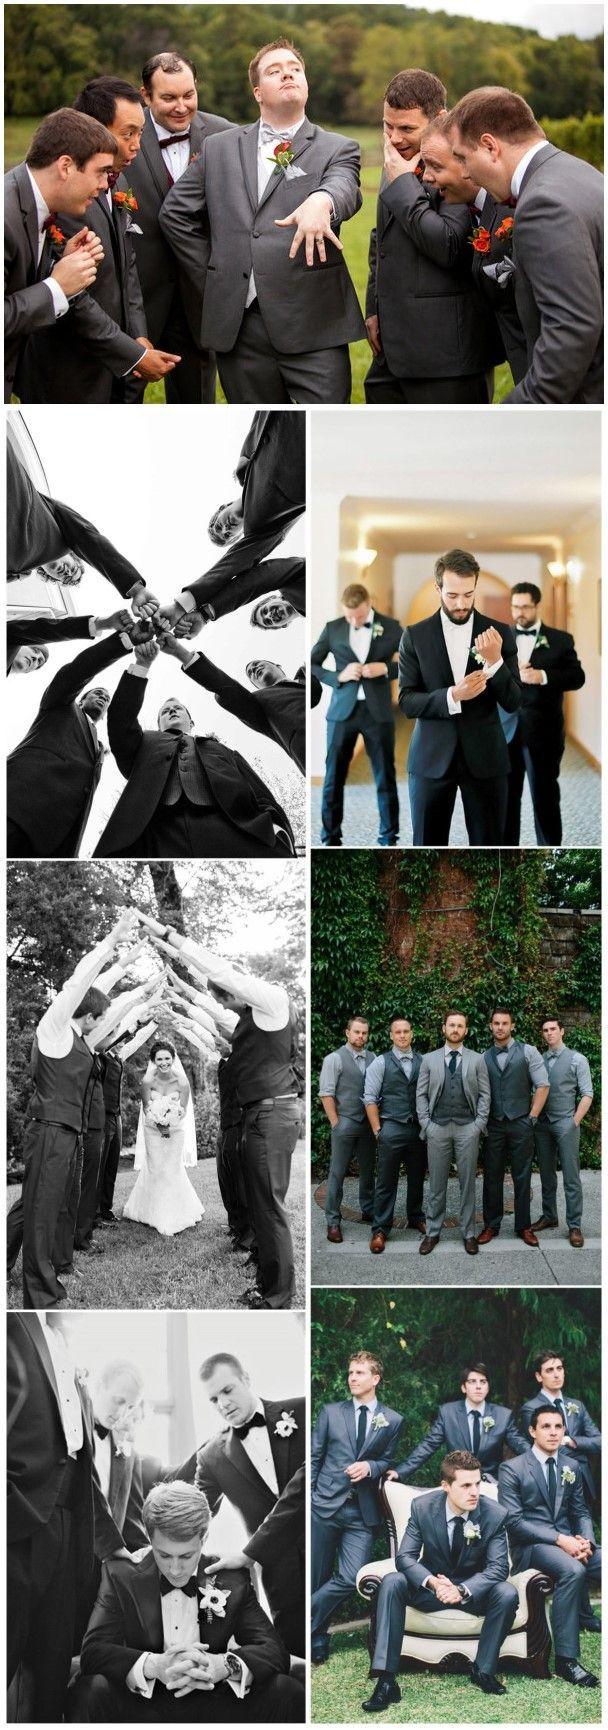 Auswahl Ihrer Hochzeit Fotograf - Hochzeit Fotografie Stile erklärt #groomdress